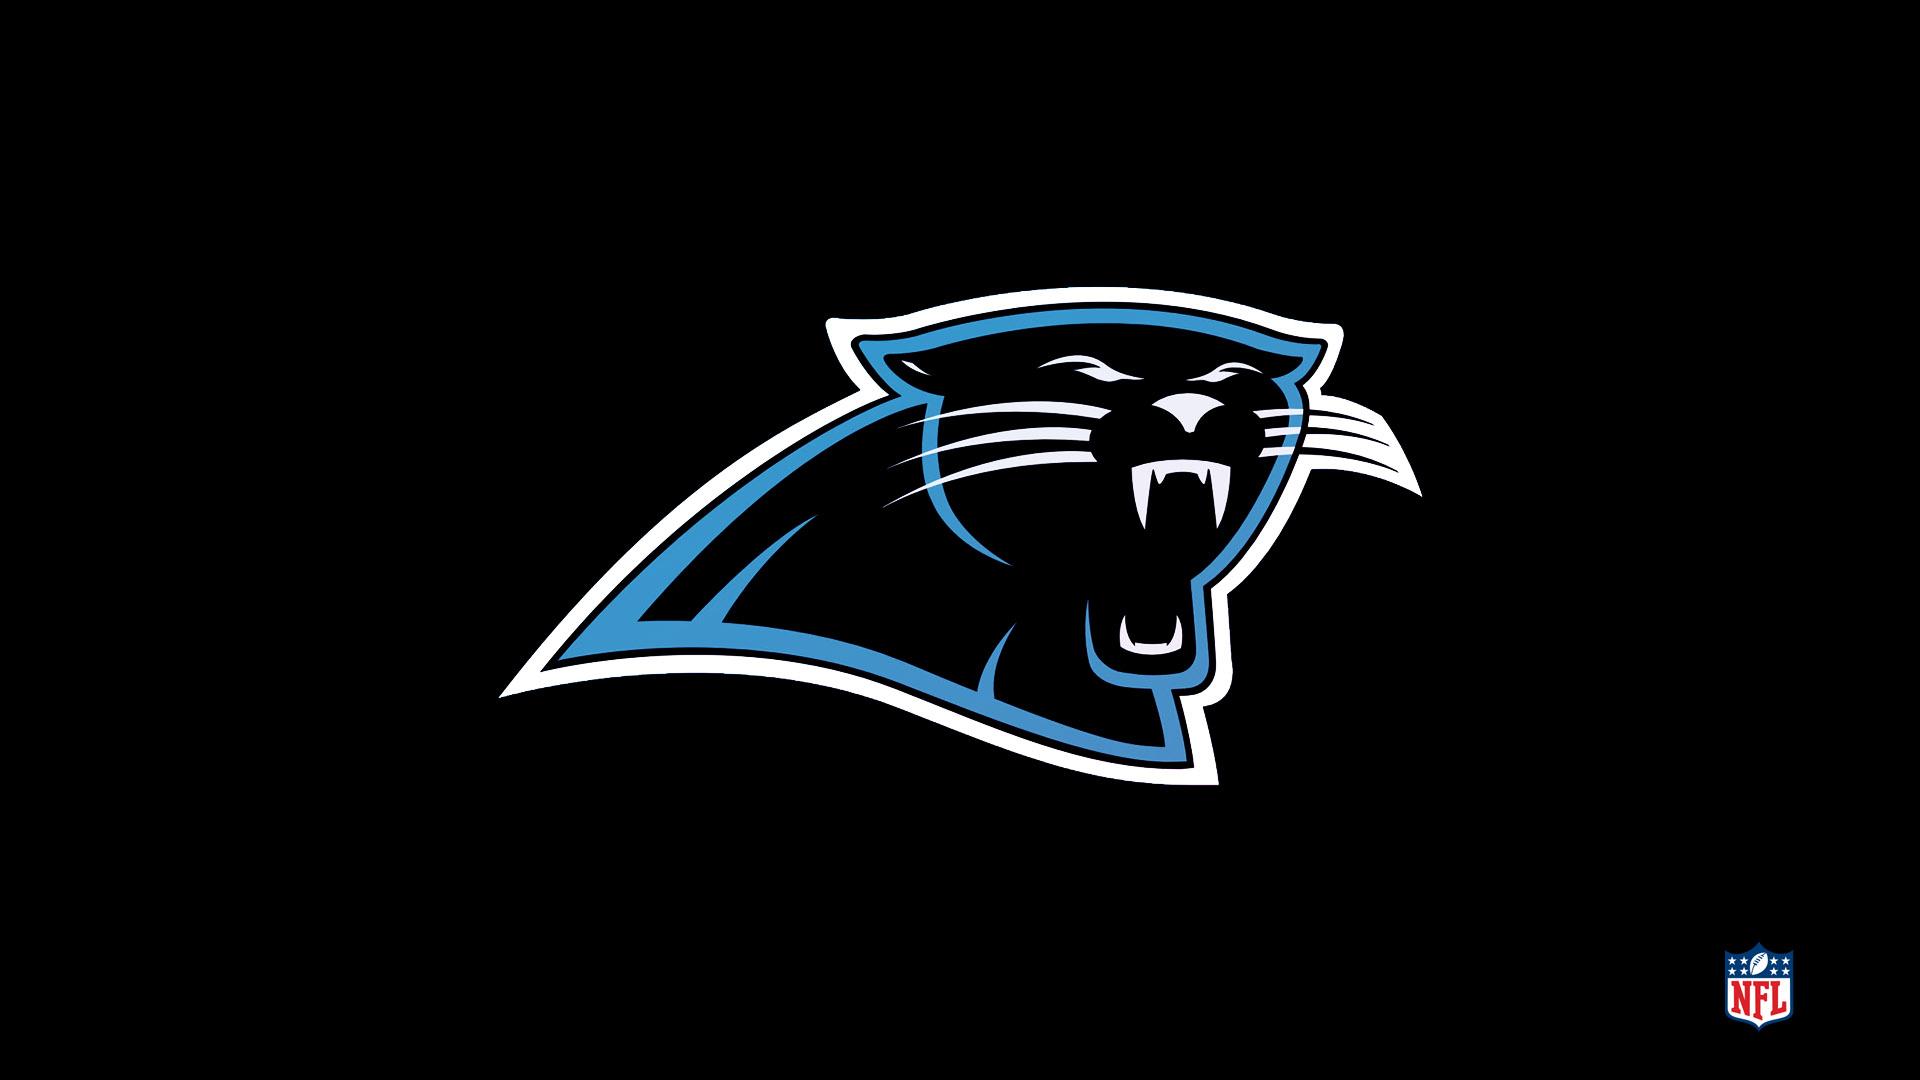 Carolina Panthers Nfl 1920x1080 Hd Images 1920x1080